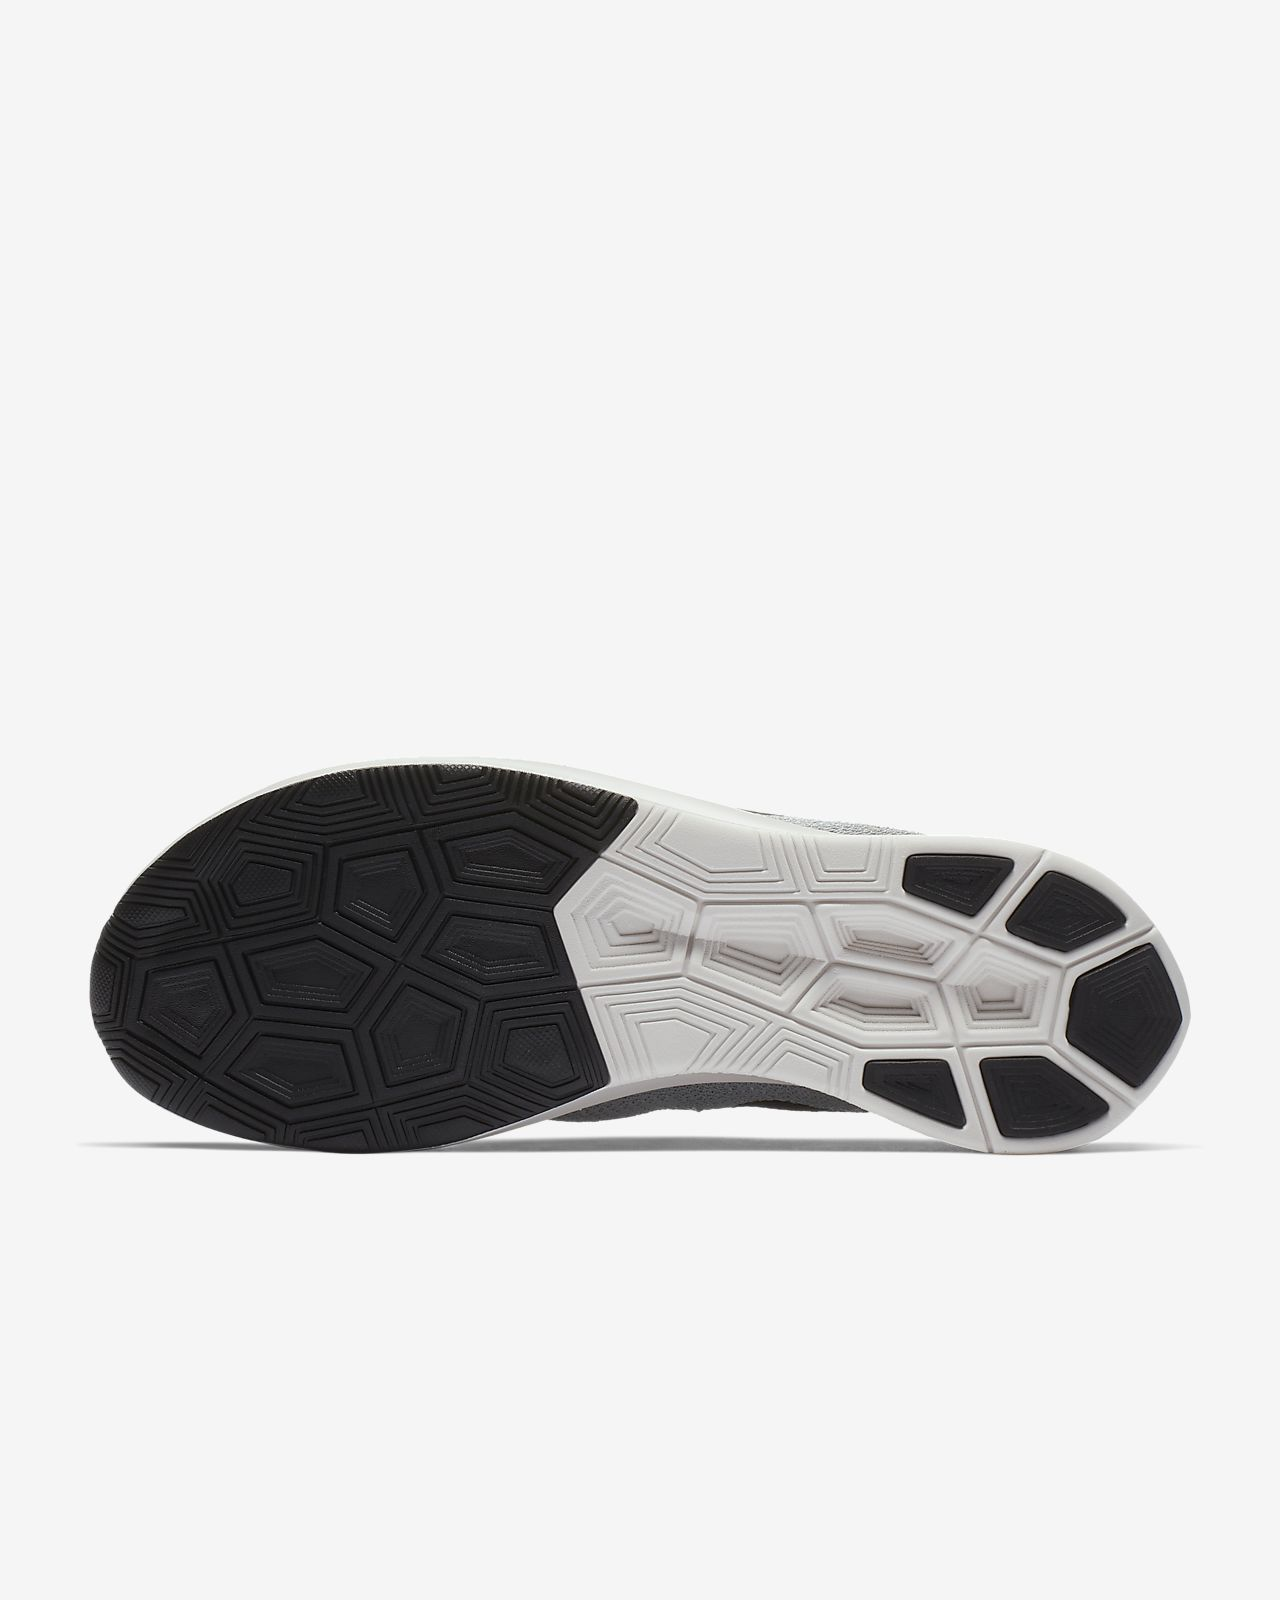 d2f18c0d130534 Nike Zoom Fly Flyknit Men s Running Shoe. Nike.com